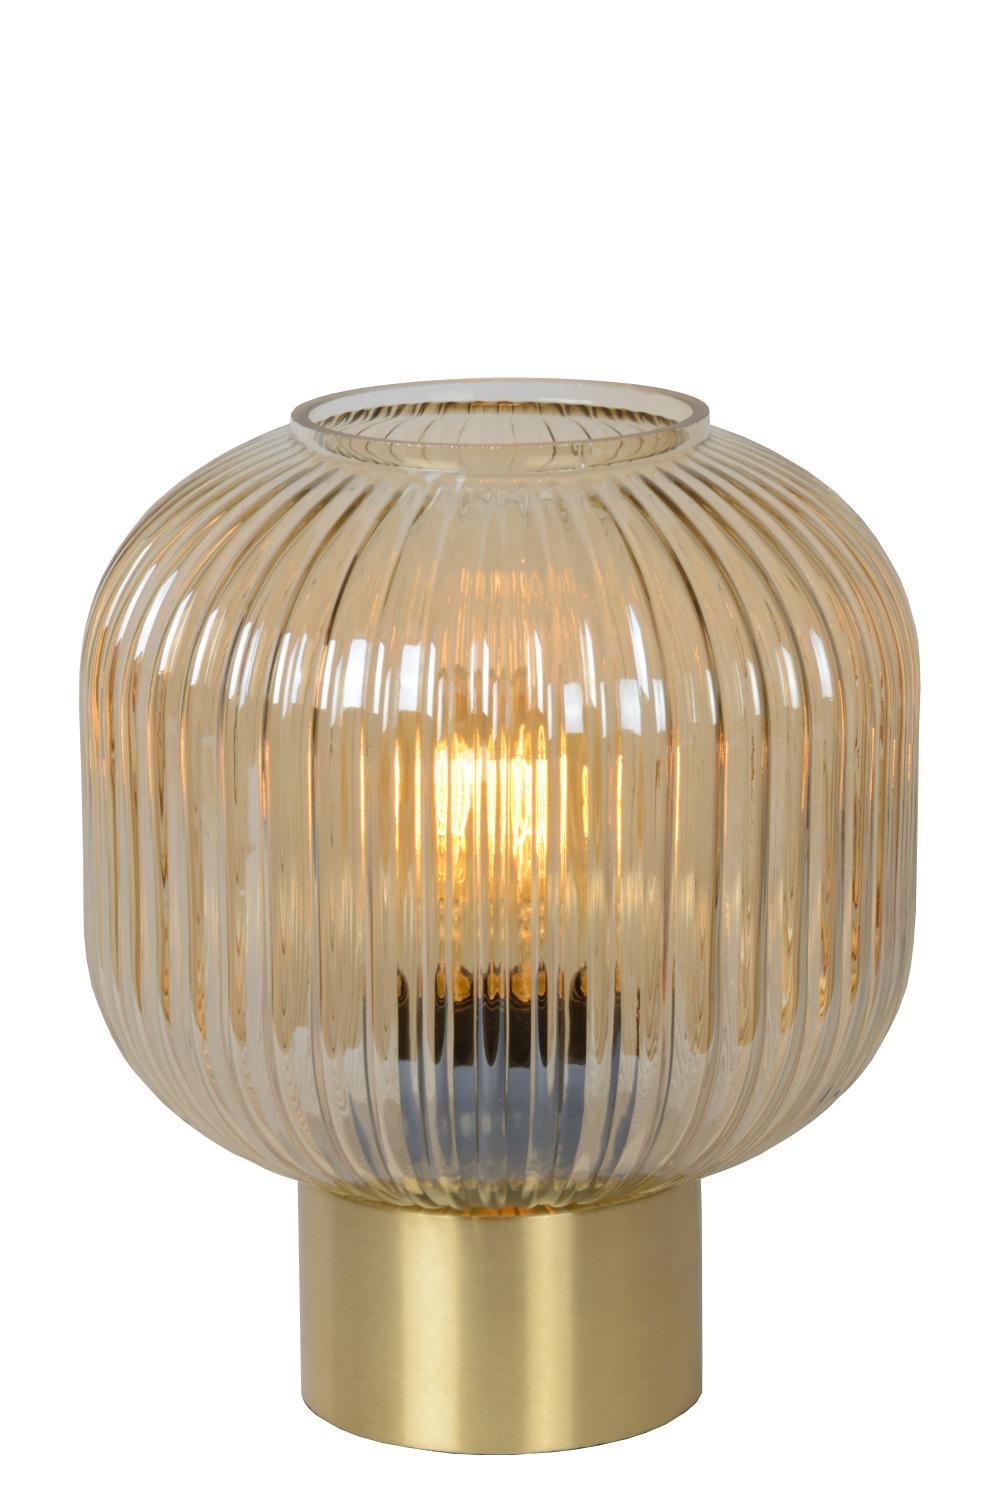 Lucide MALOTO Tafellamp-Amber-Ø20-1xE27-40W-Glas